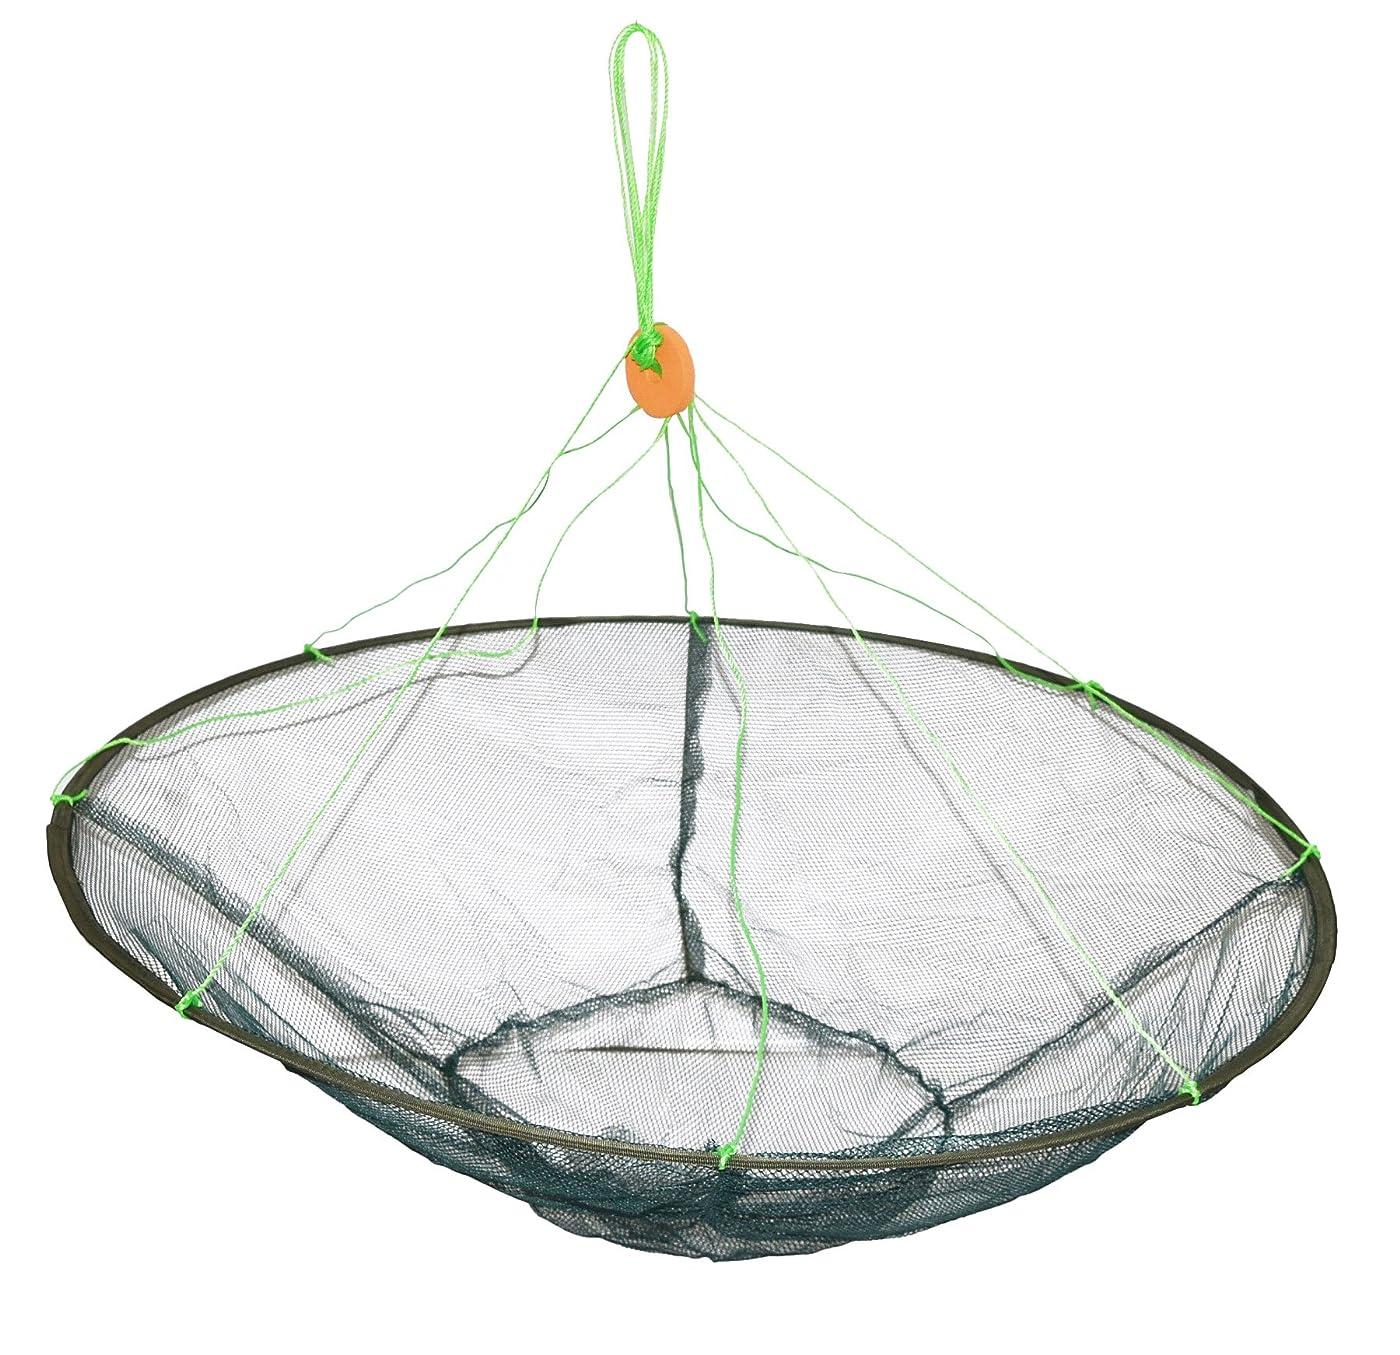 ぜいたく反応する砂魚すくい 魚捕獲 一網打尽  直径1m タモ網 (収納時35cmでコンパクト)小魚?メダカ?ザリガニ?タニシ